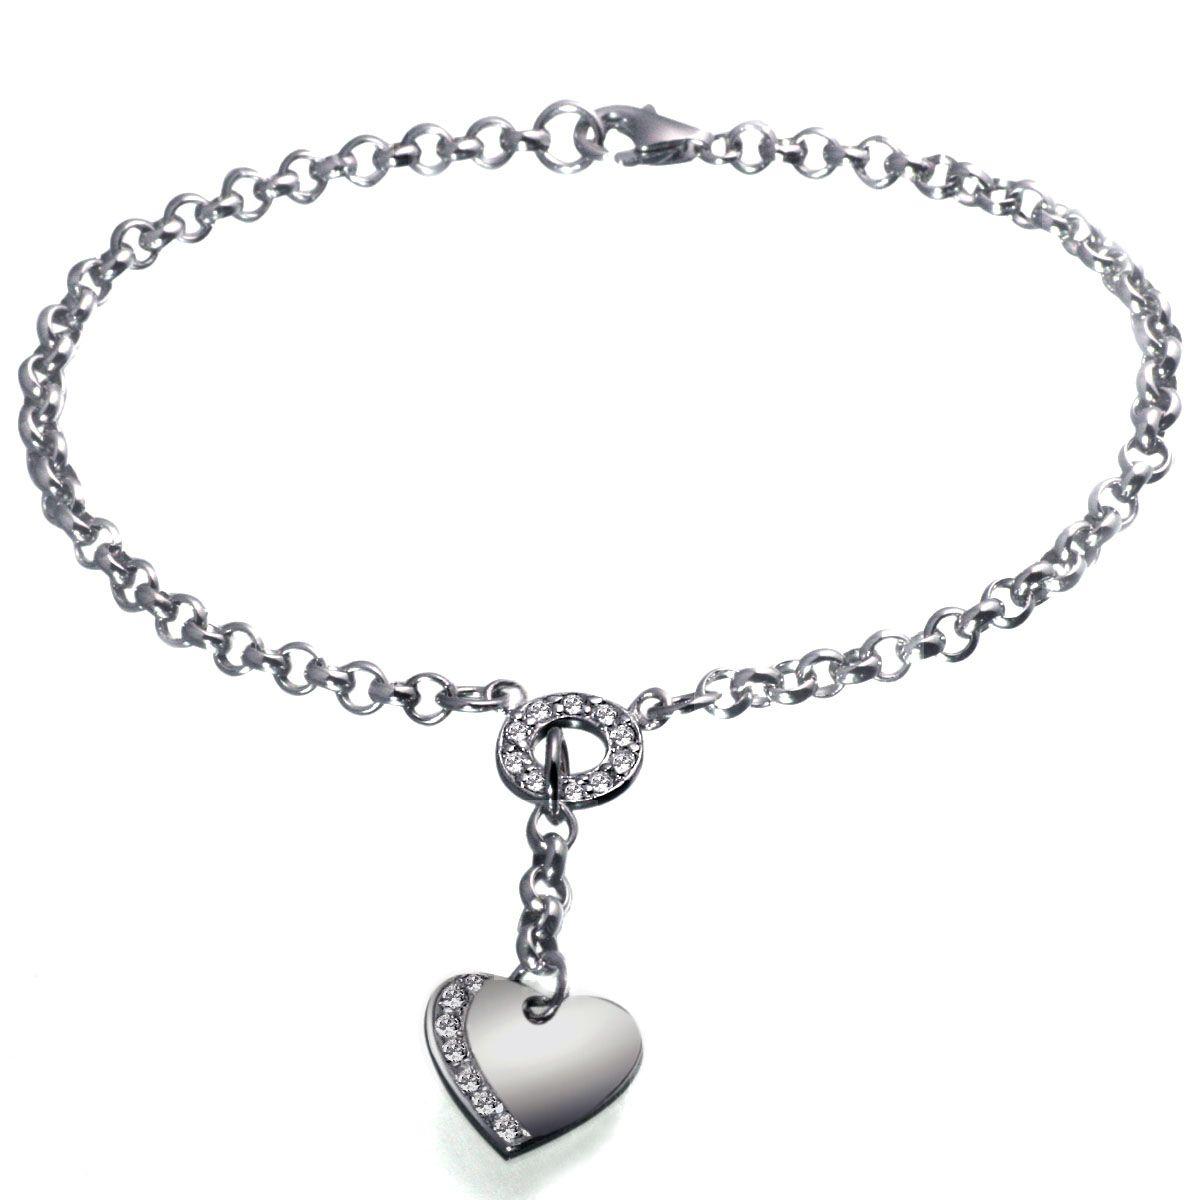 AVERDIN Averdin Armband 925/- Sterlingsilber Herz klare Steine